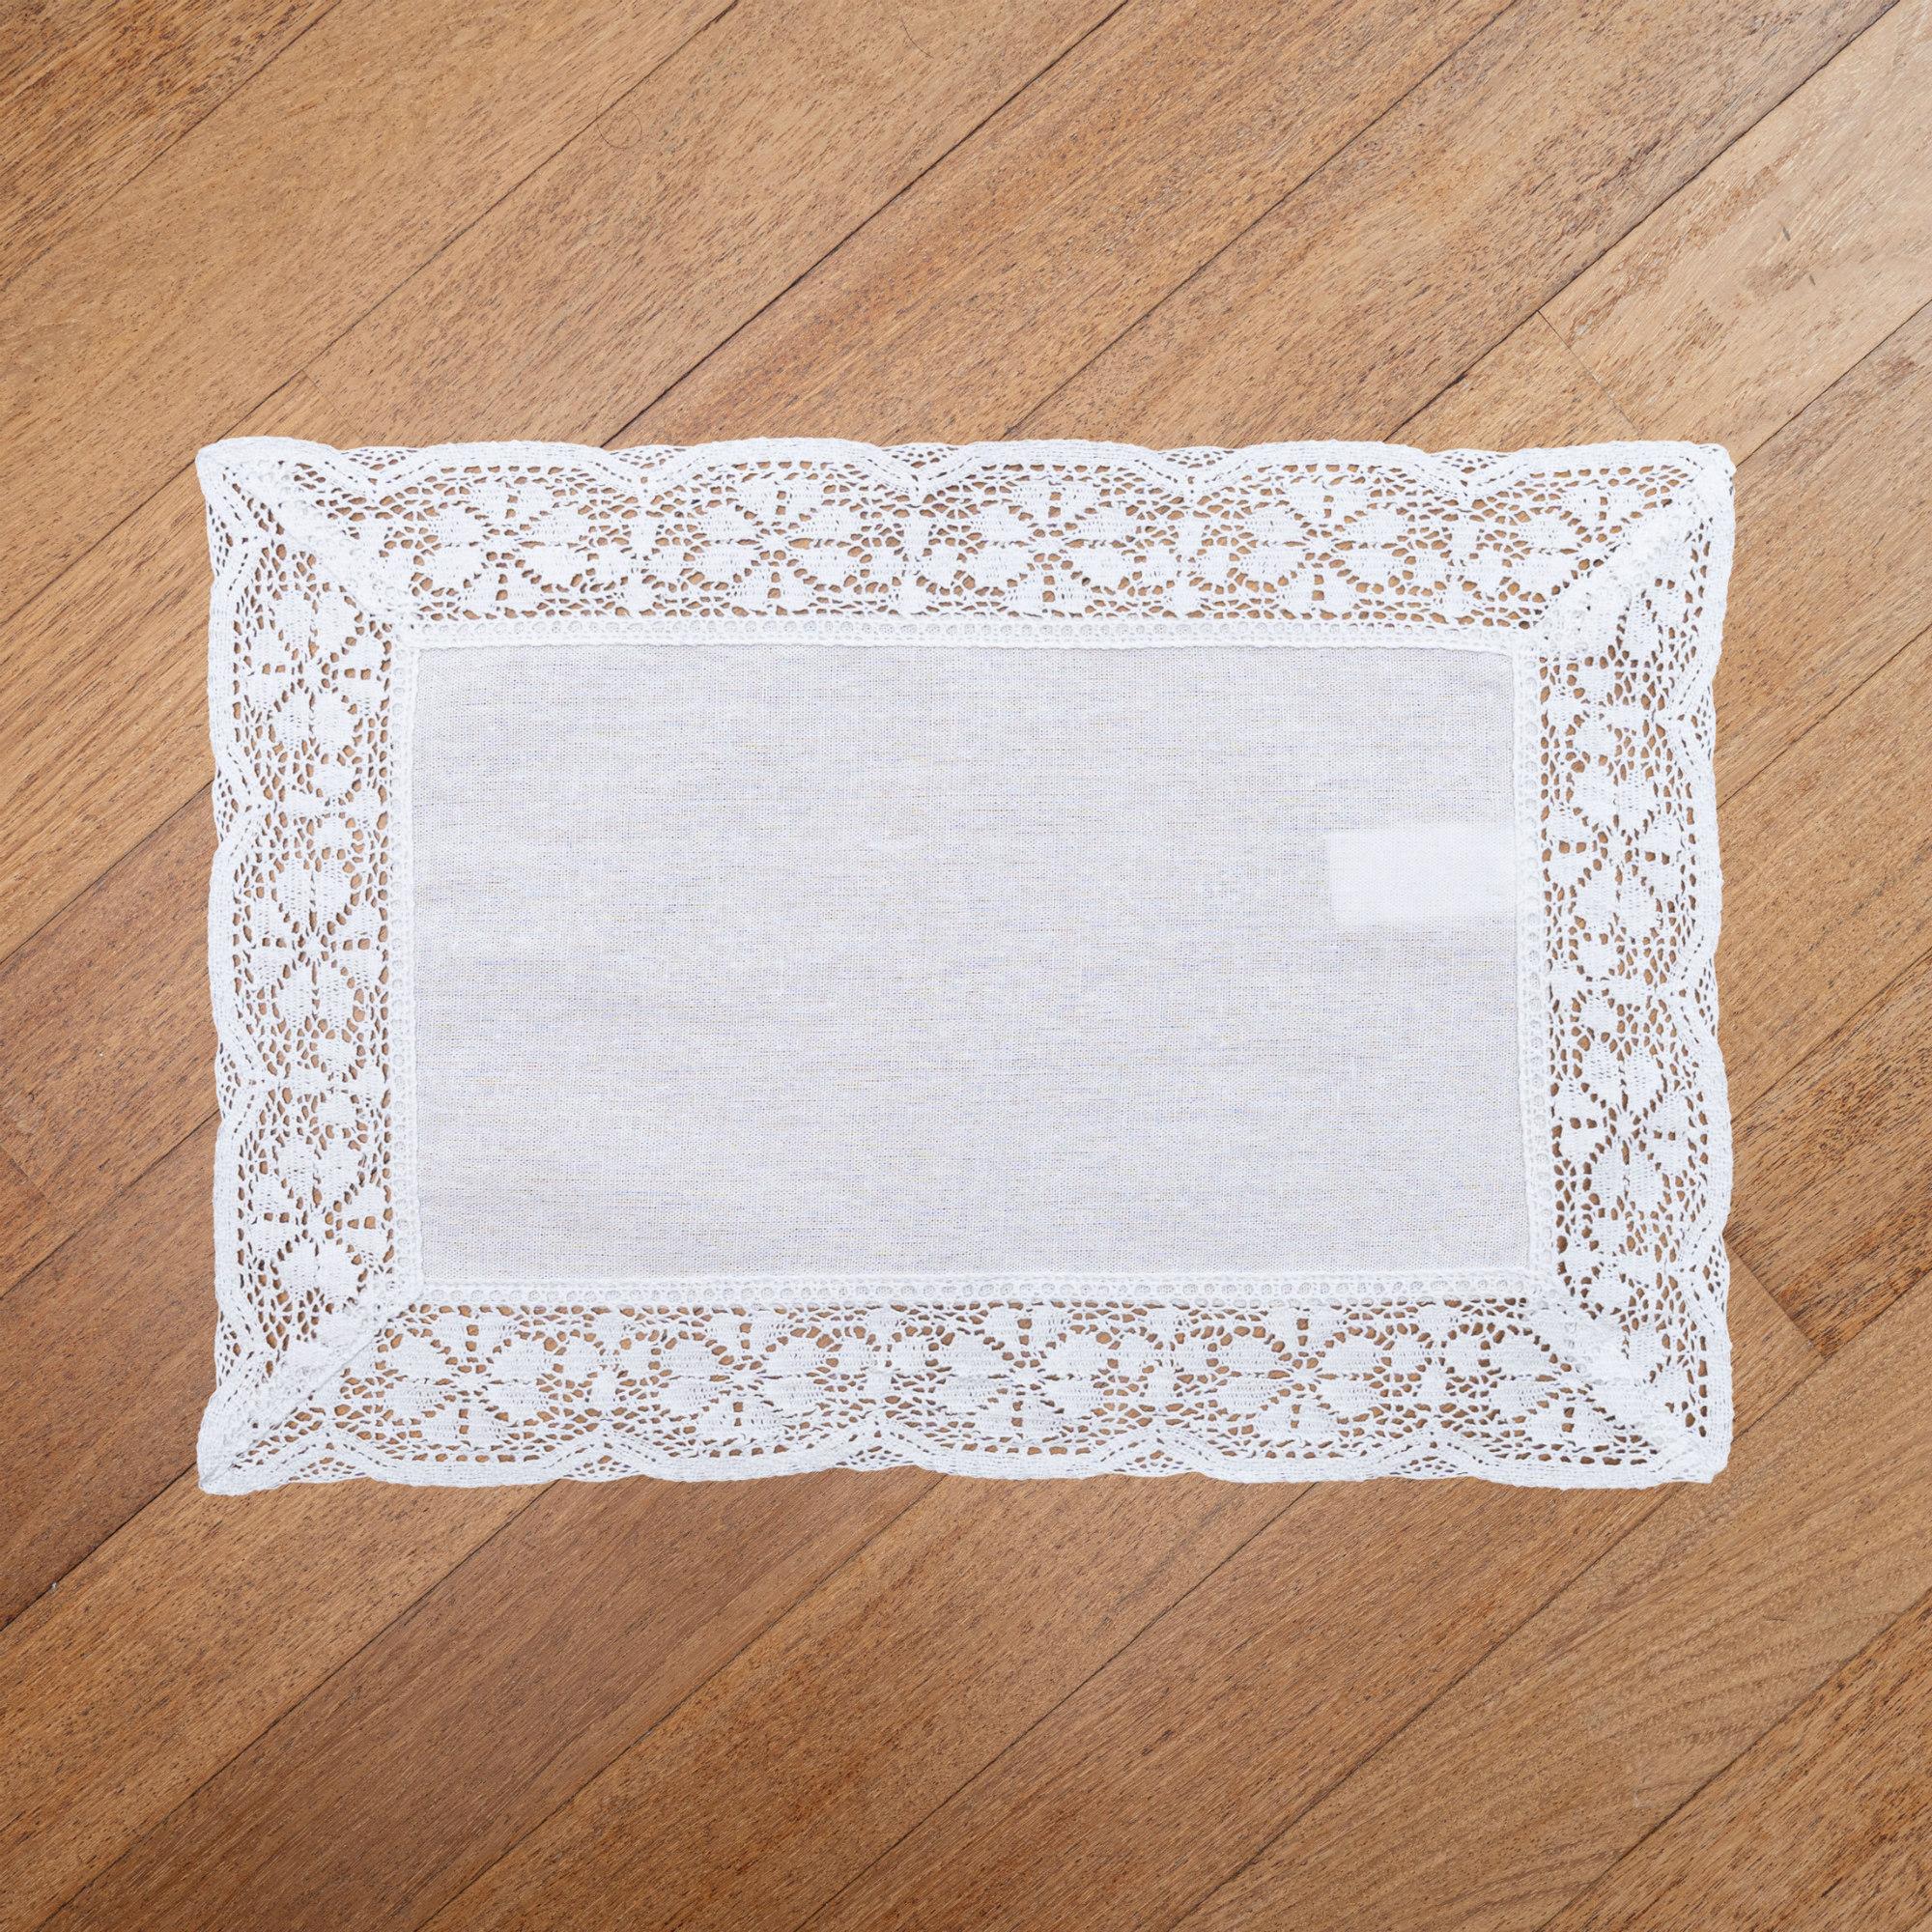 """Nostalgic White Rectangle Placemats/Table Mats With 6cm Cotton Crochet Lace Edges. 30x45cm/12x18"""" (White)"""